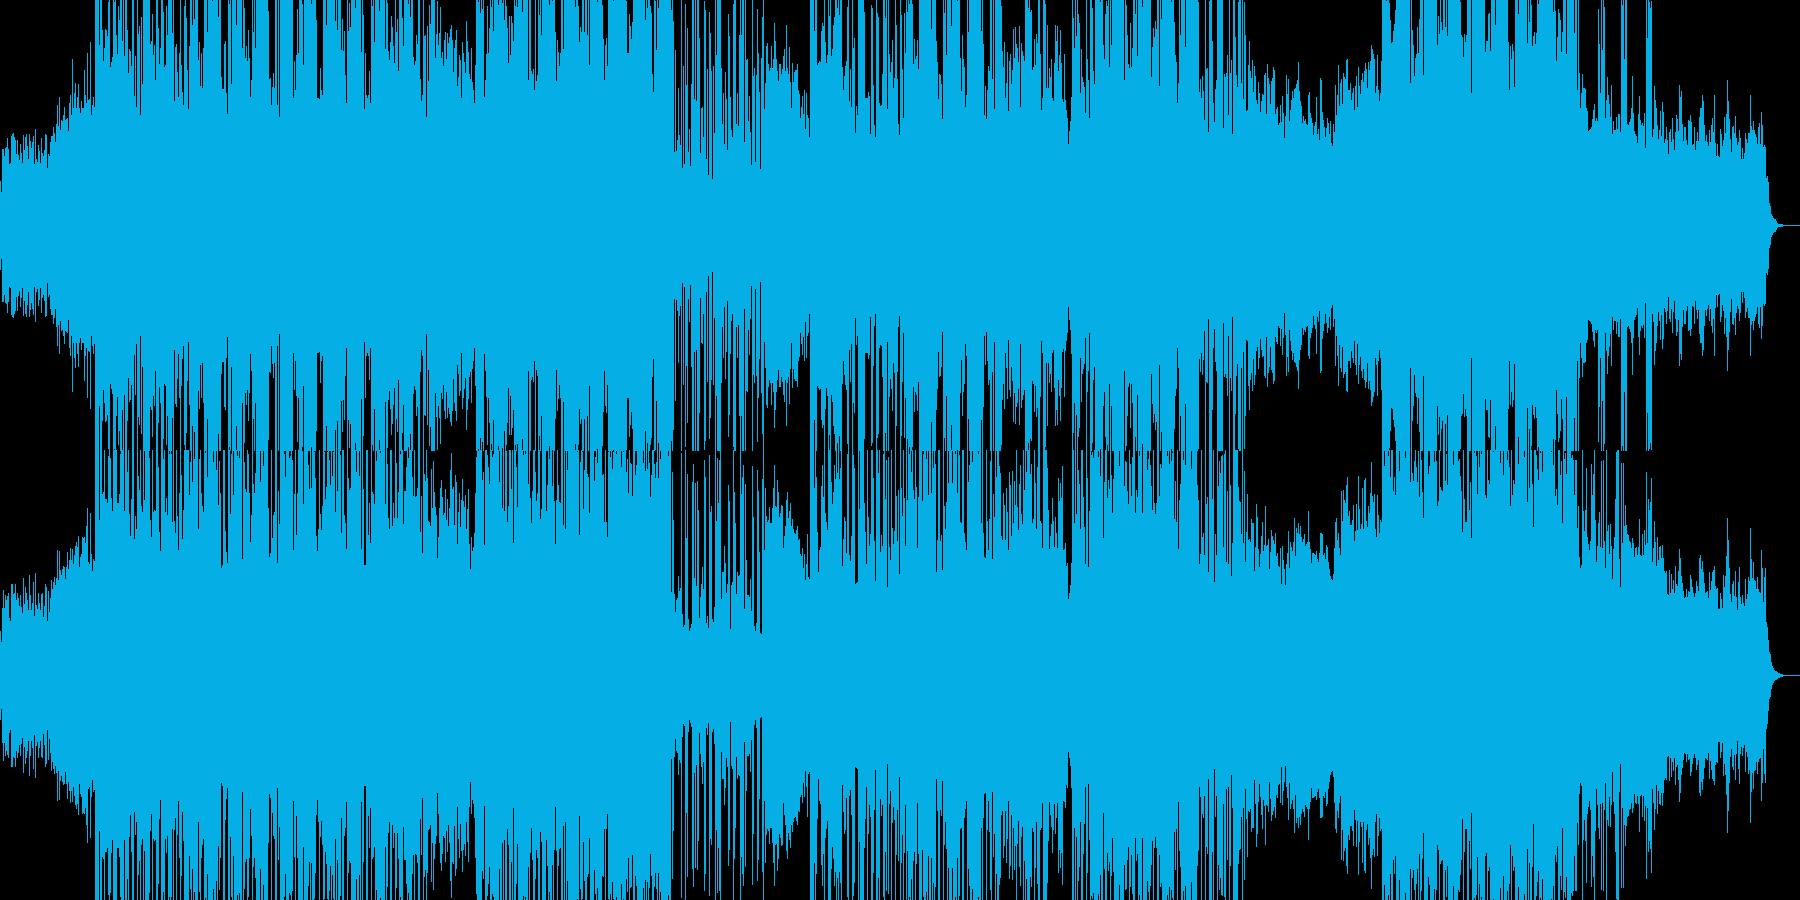 ミドルテンポのエレクトロミュージックの再生済みの波形